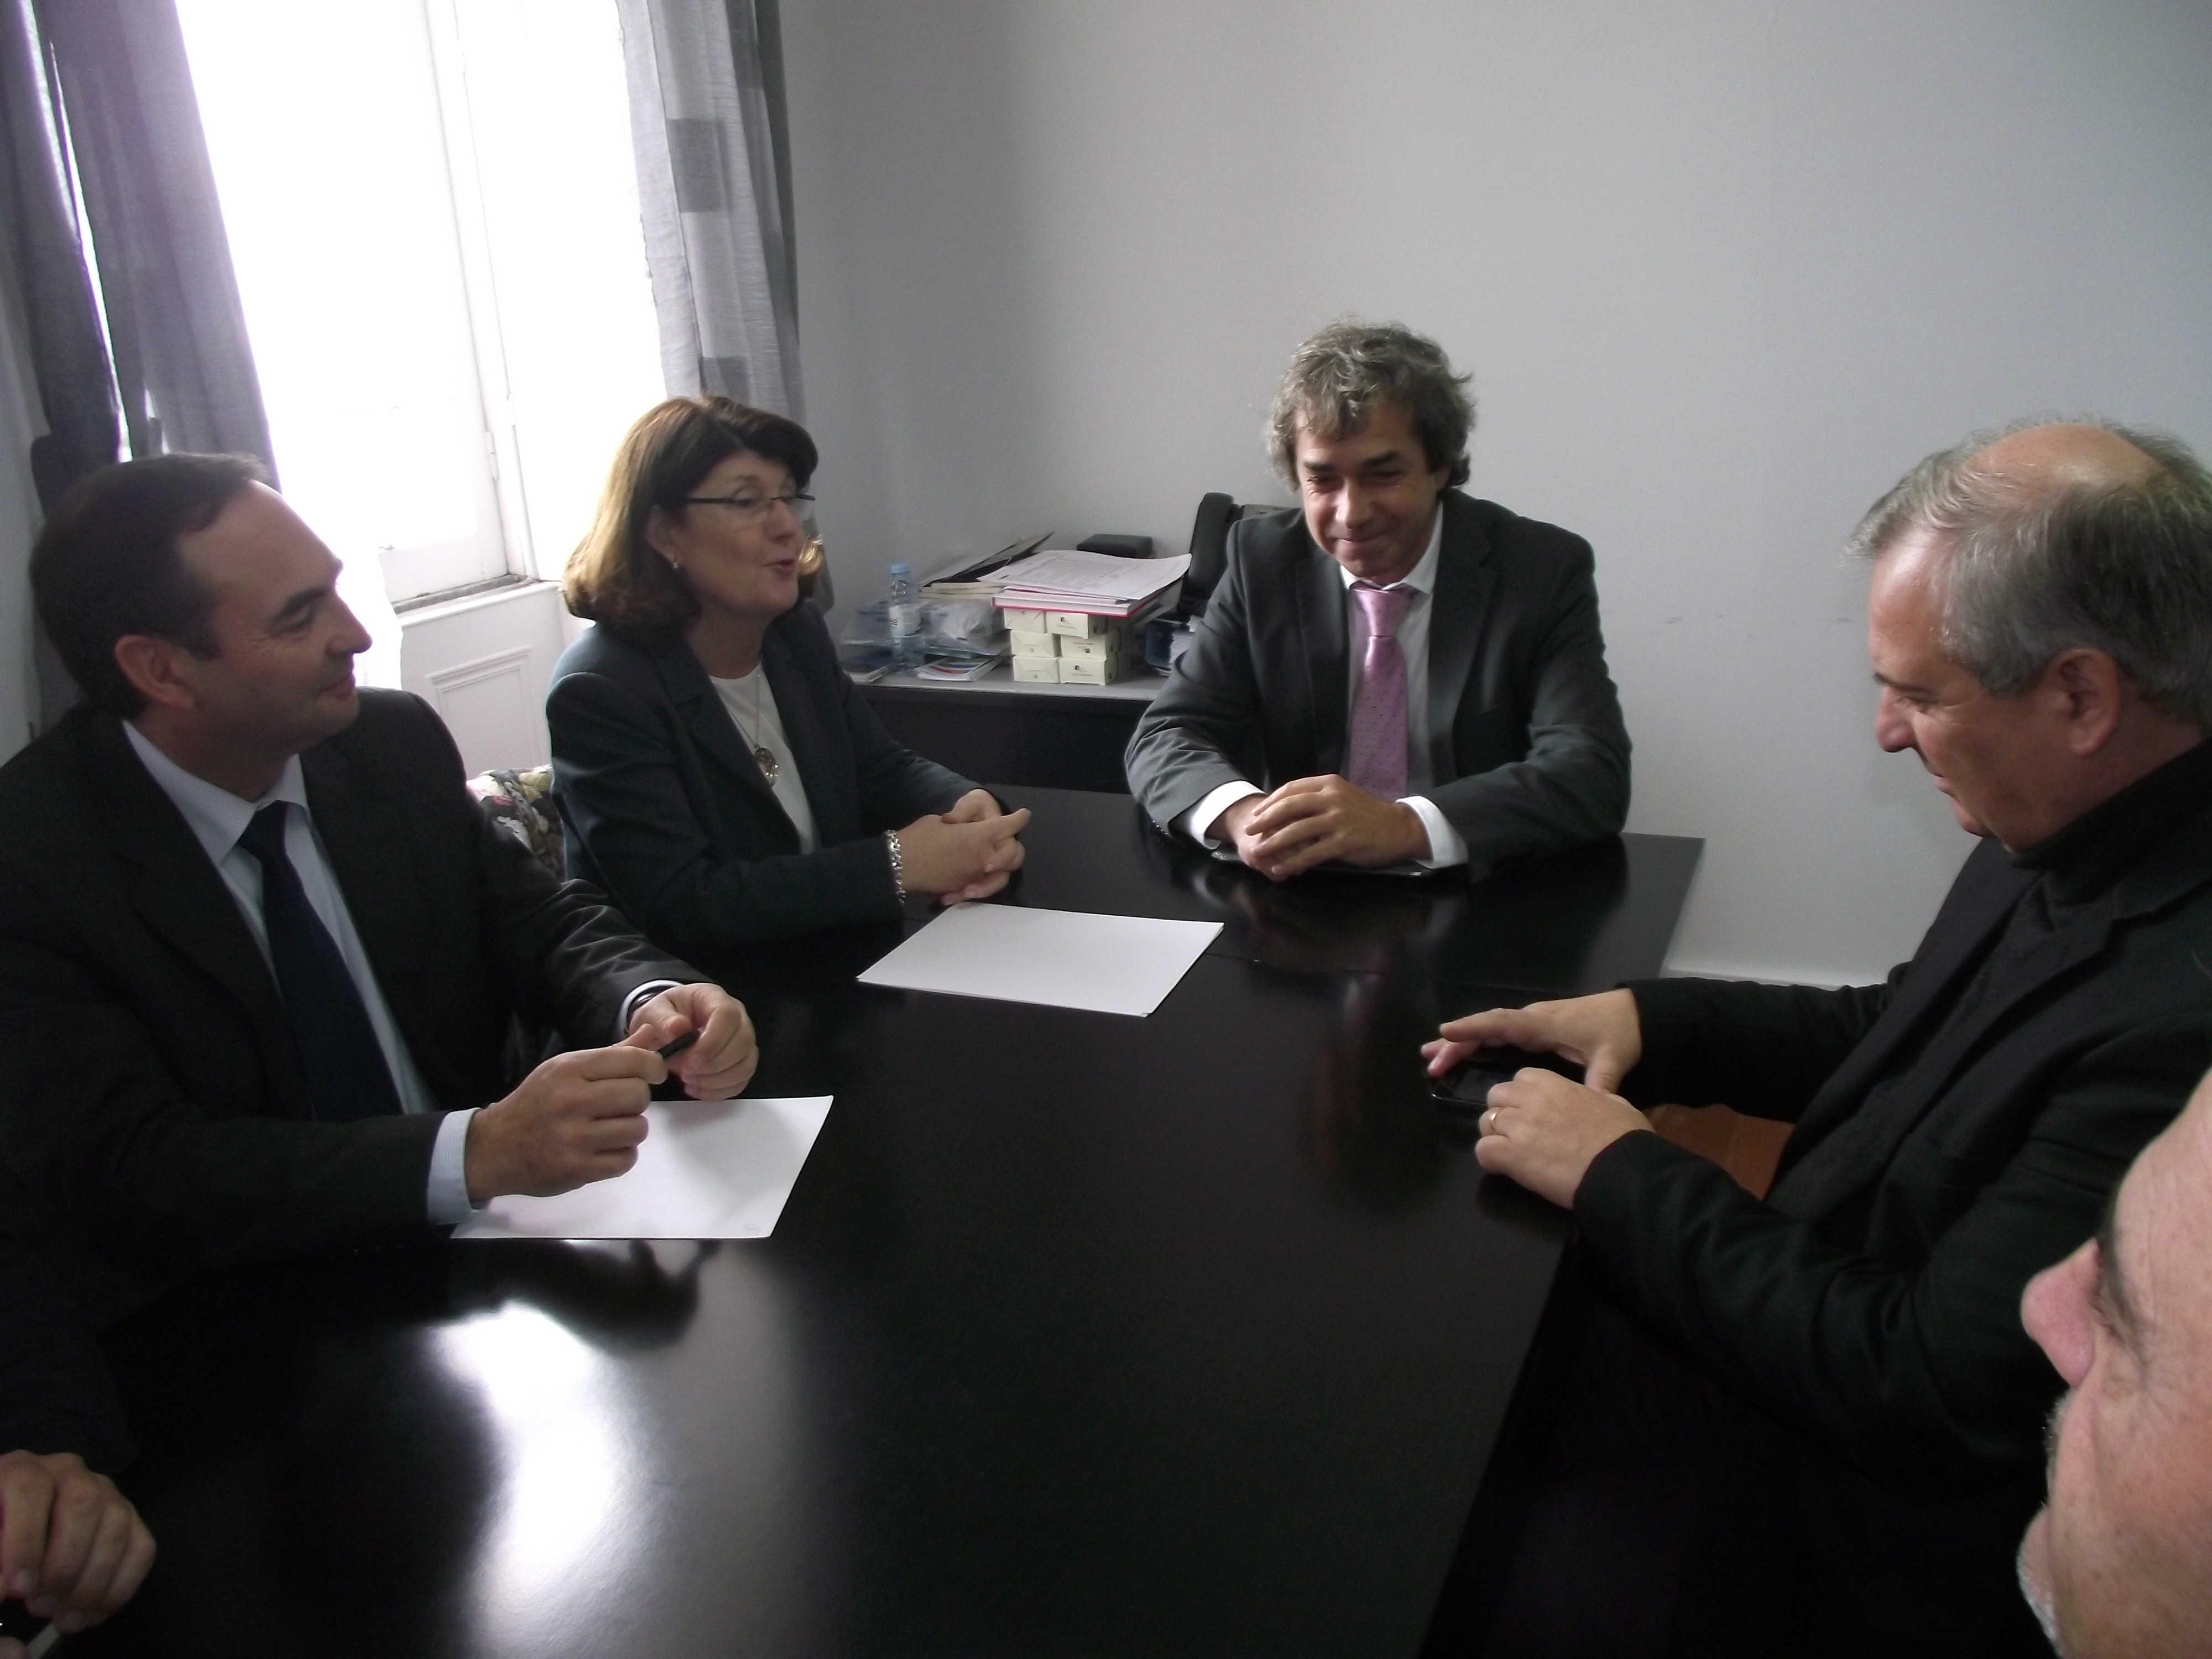 PSD/Açores quer proteger produtos açorianos em futuros acordos comerciais